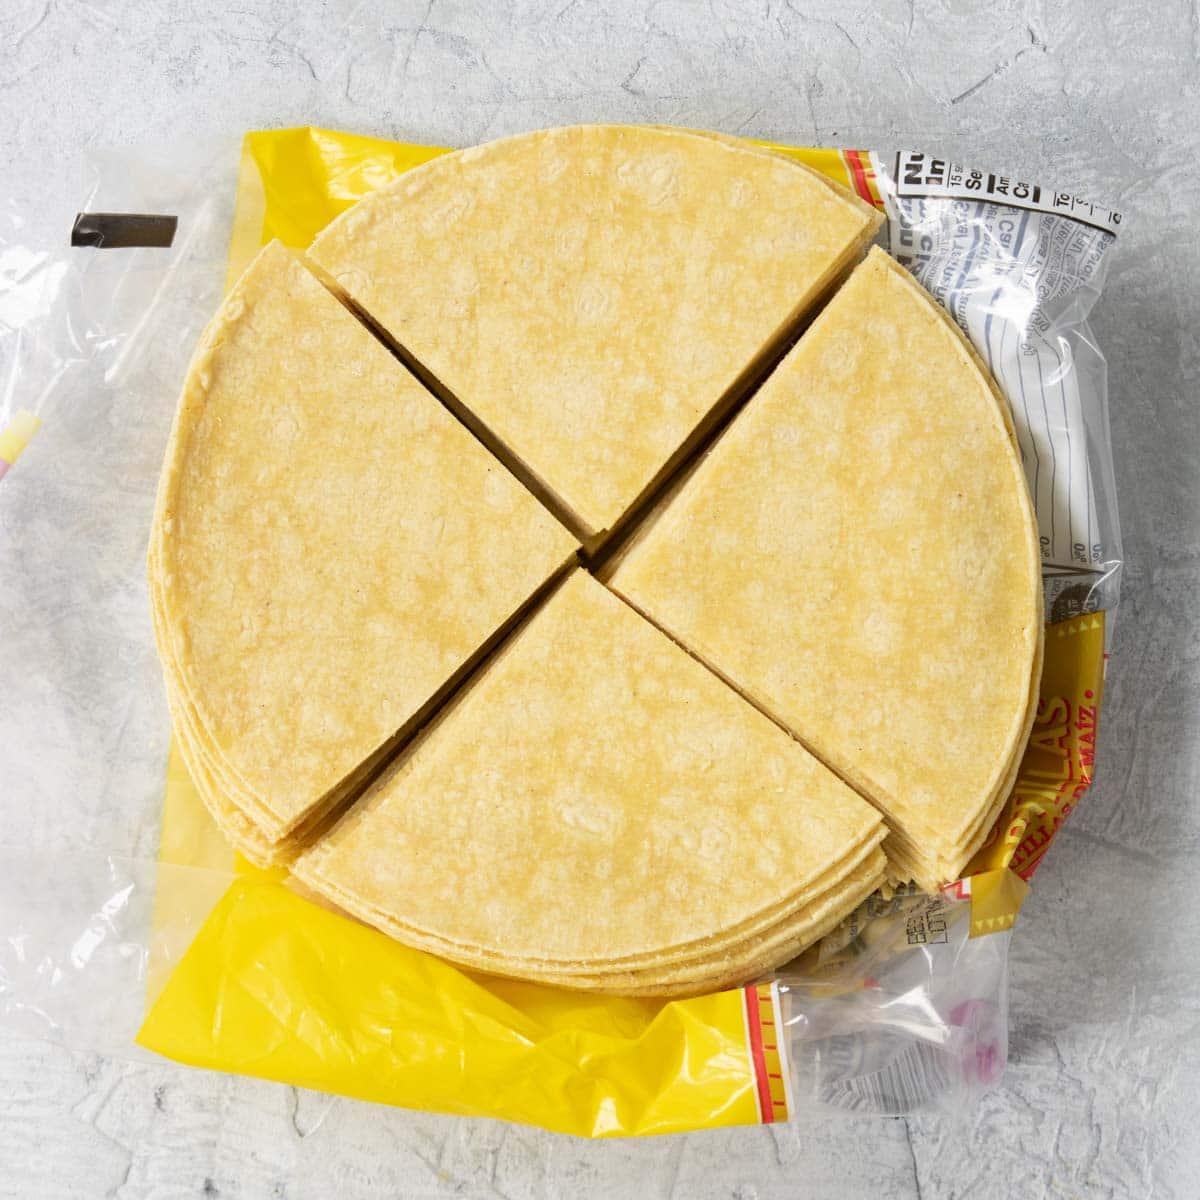 Corn tortillas cut into quarters